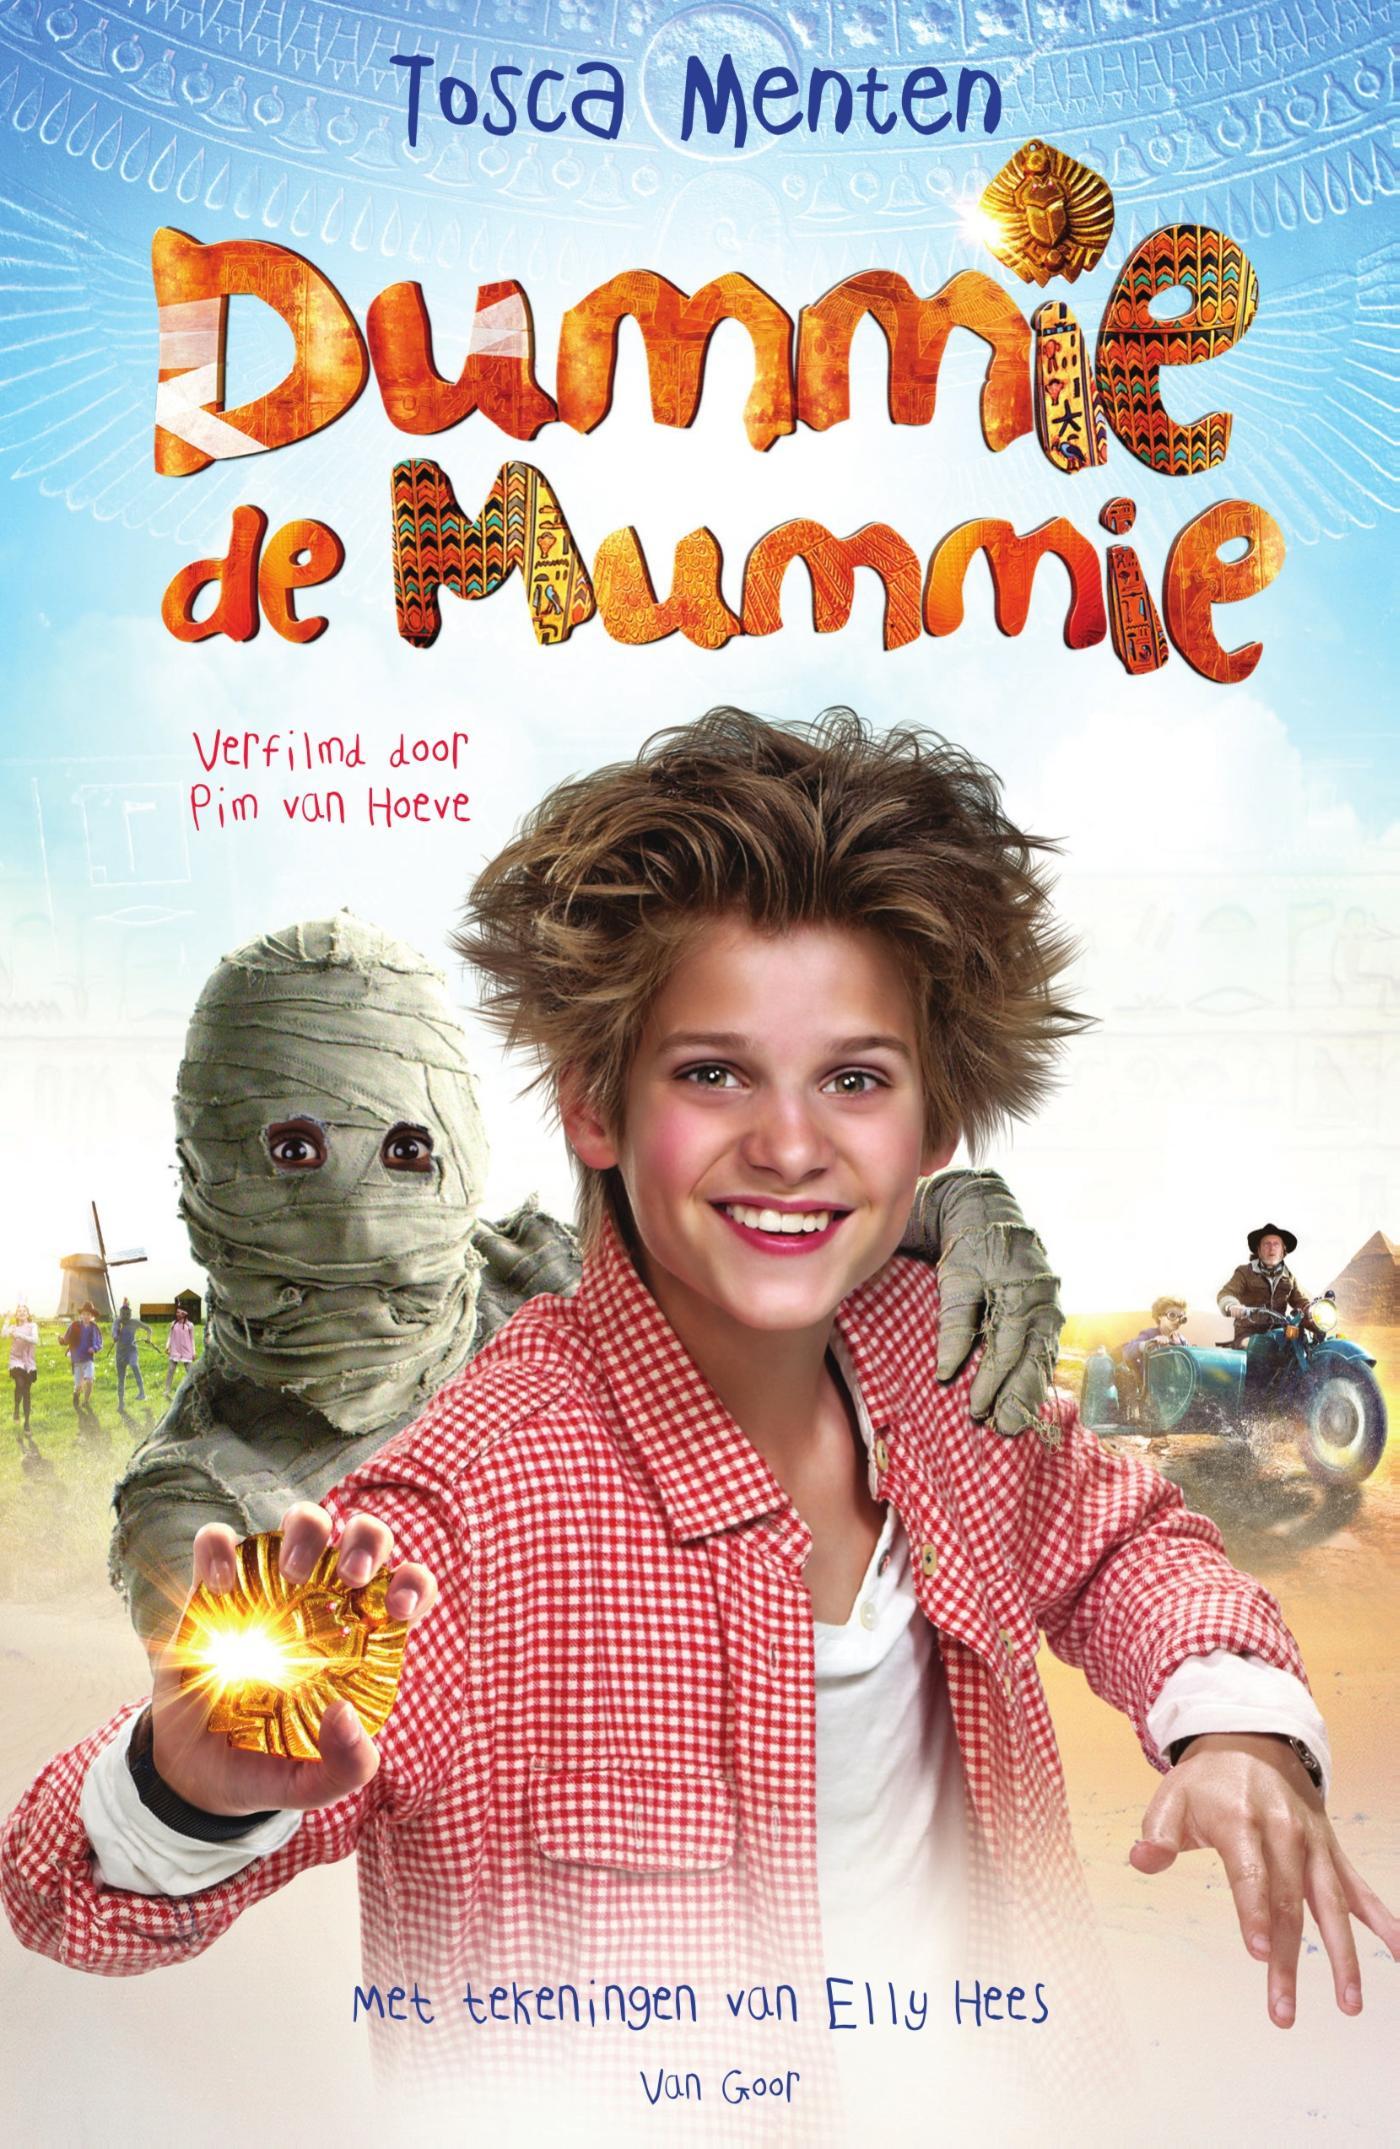 e book dummie de mummie en de gouden scarabee filmeditie